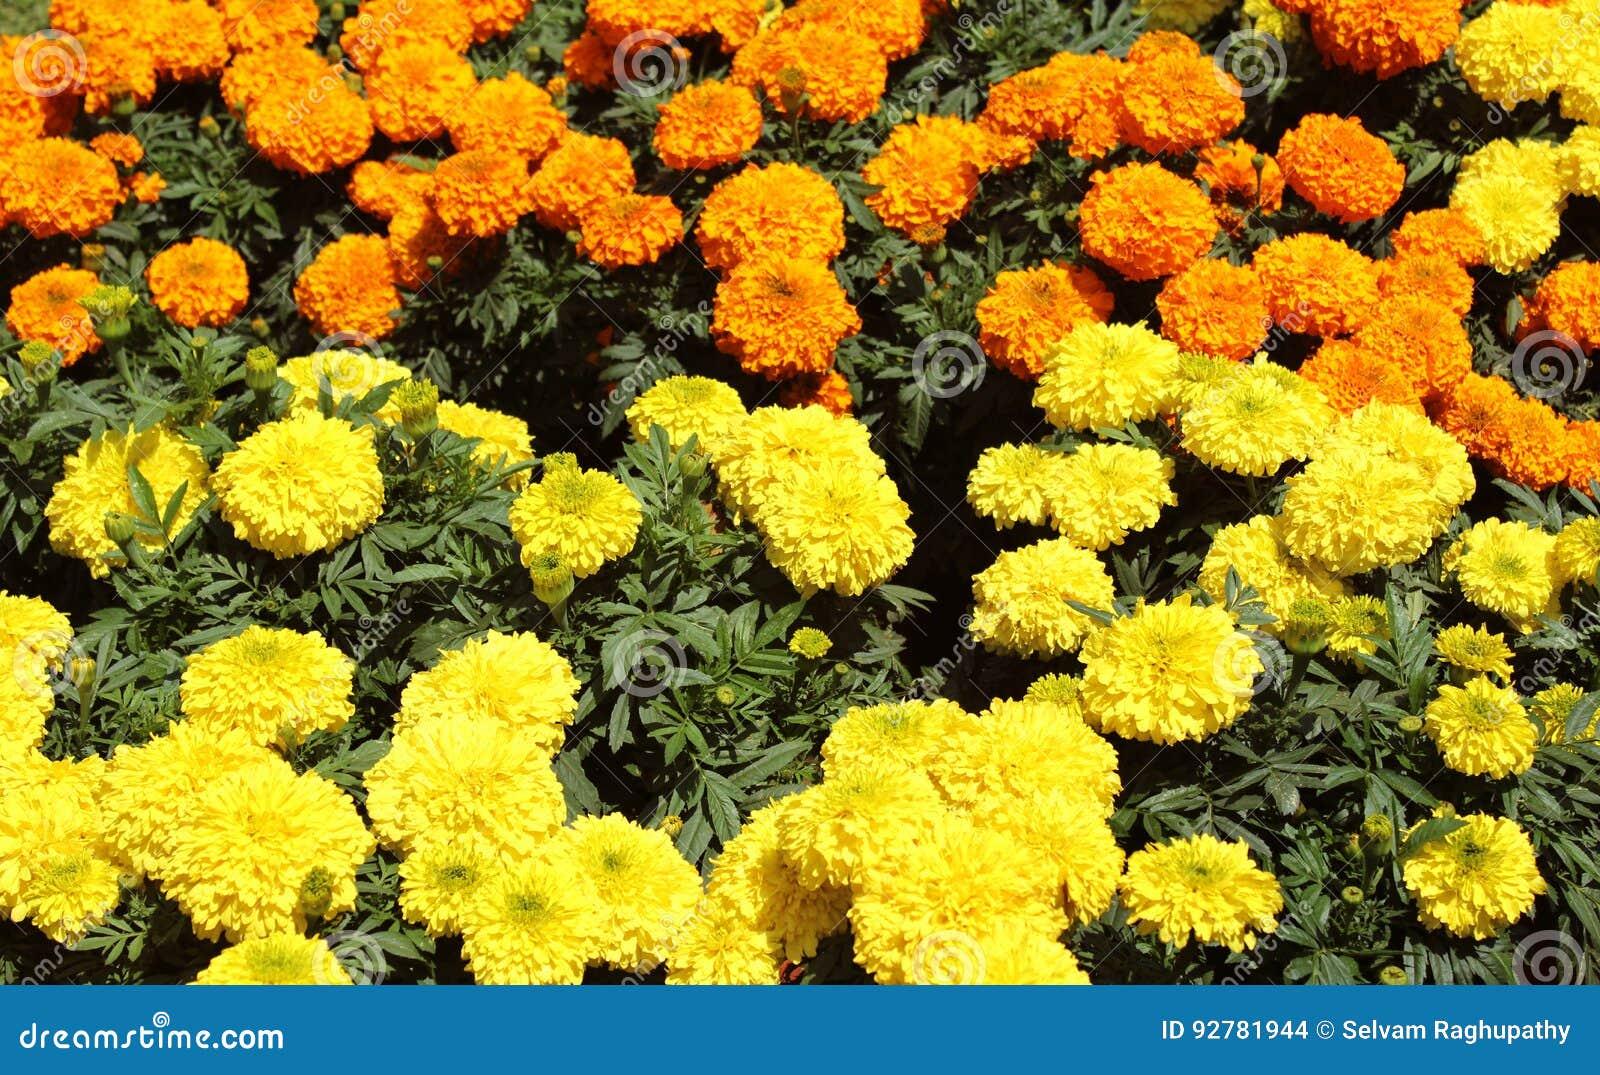 Fiori Arancioni E Gialli.Fiori Gialli Ed Arancioni Fotografia Stock Immagine Di Botanico